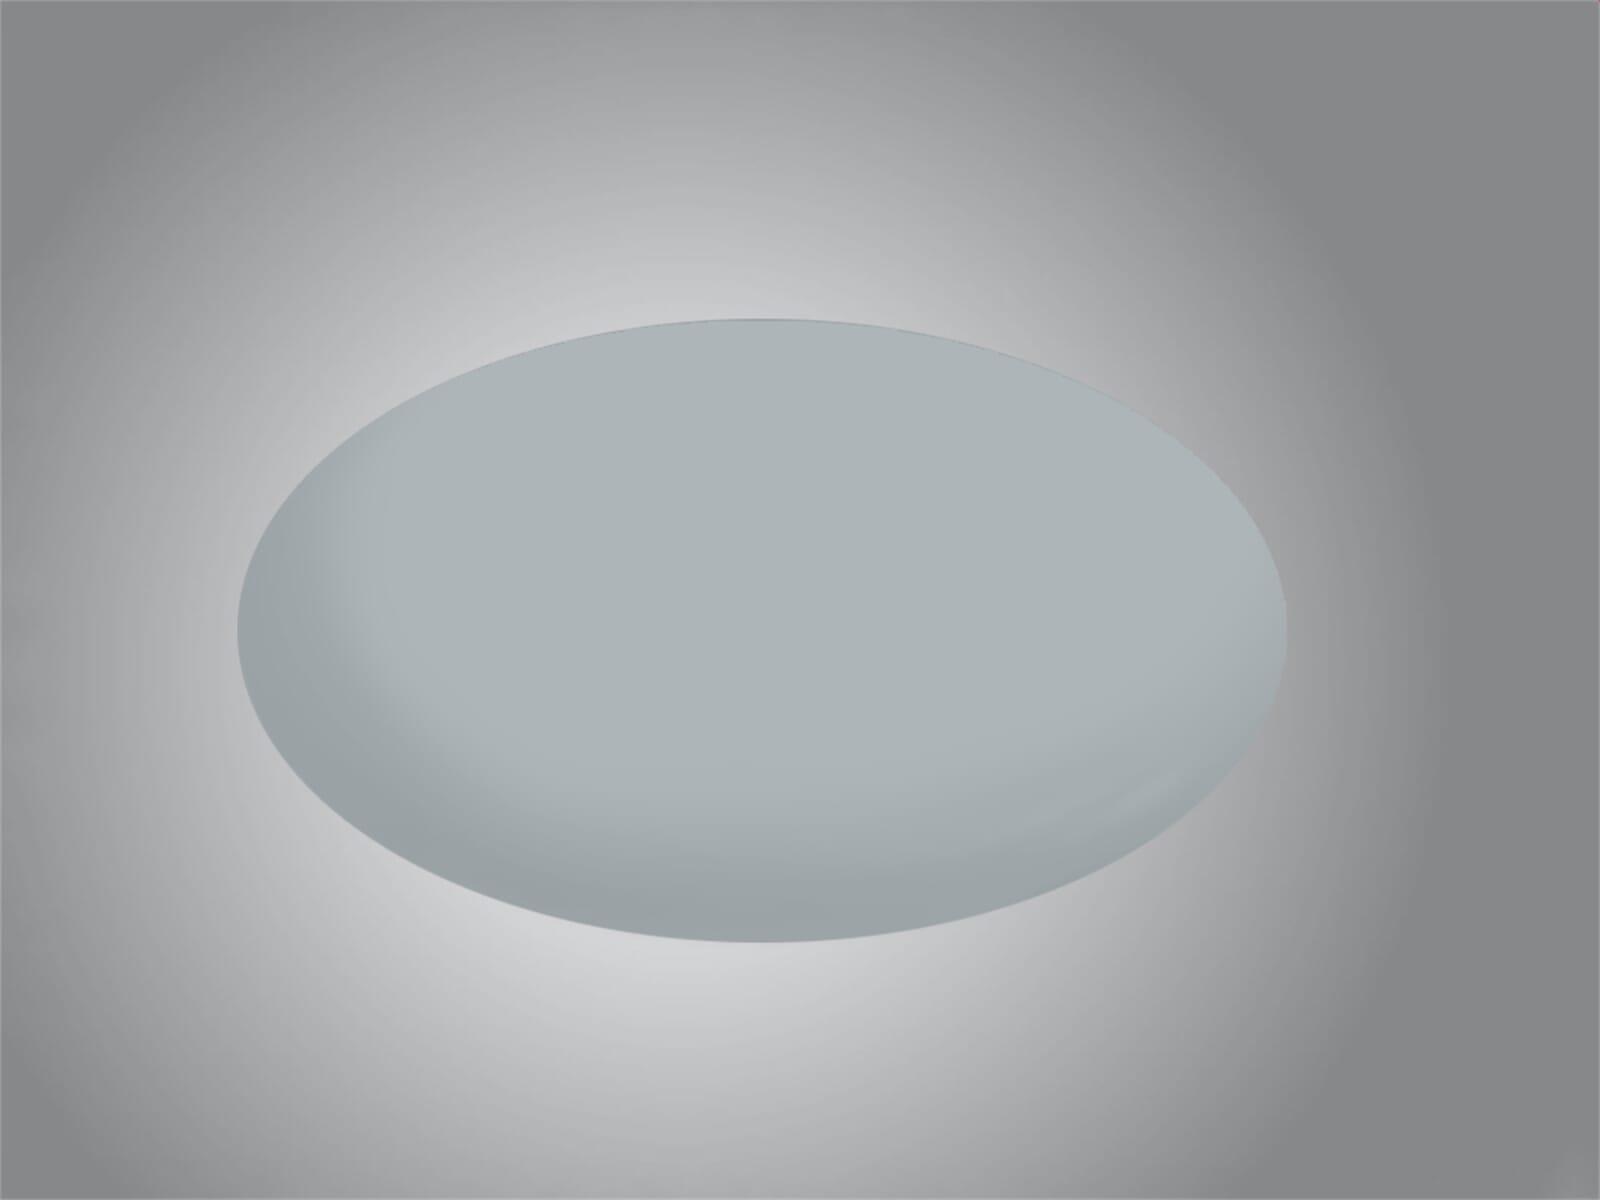 Systemceram Sink Cover Keramik Titan 090678